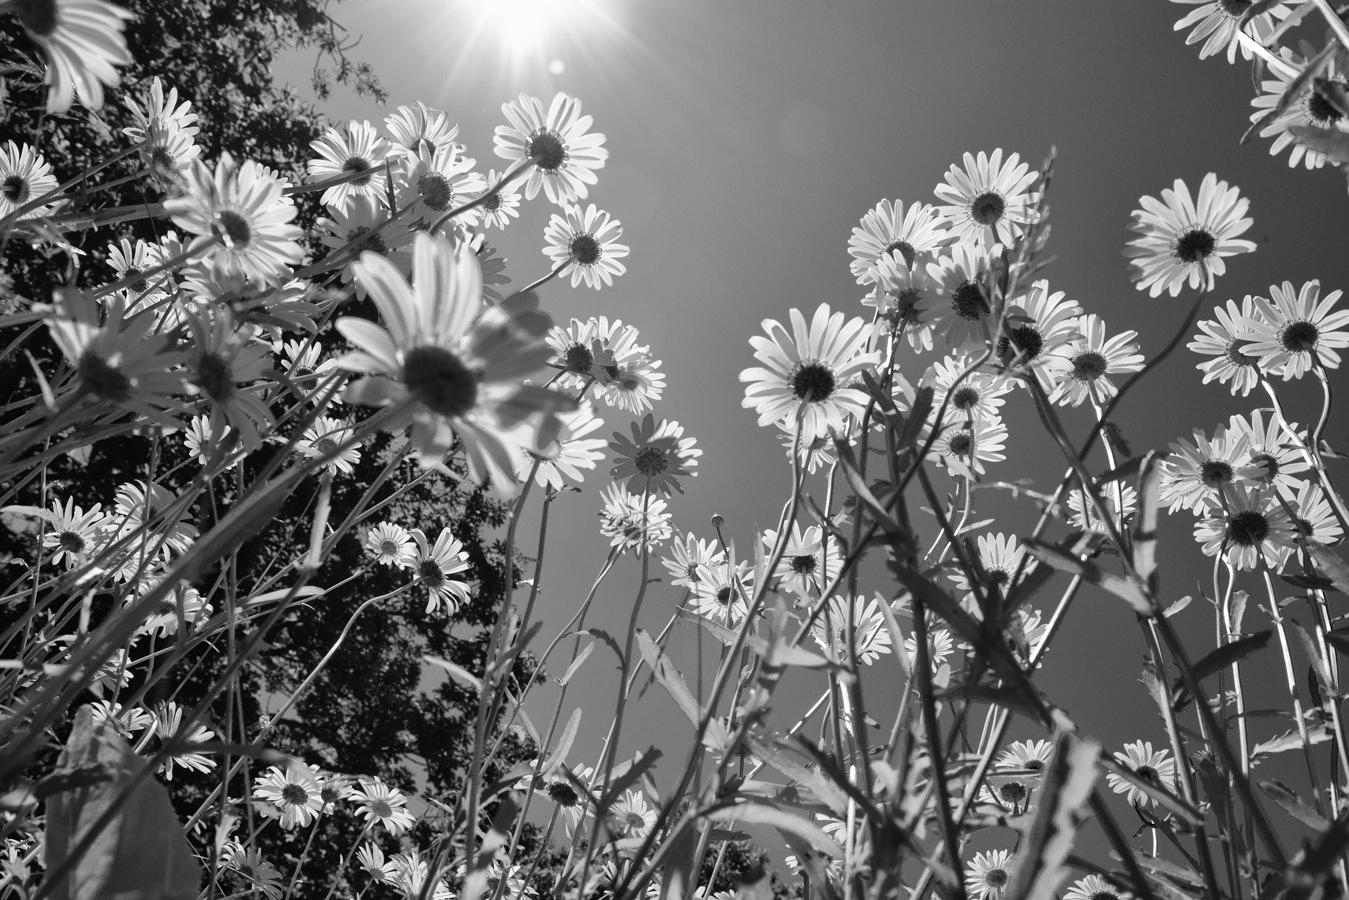 ромашки черно белые картинки внешние углы, откосы